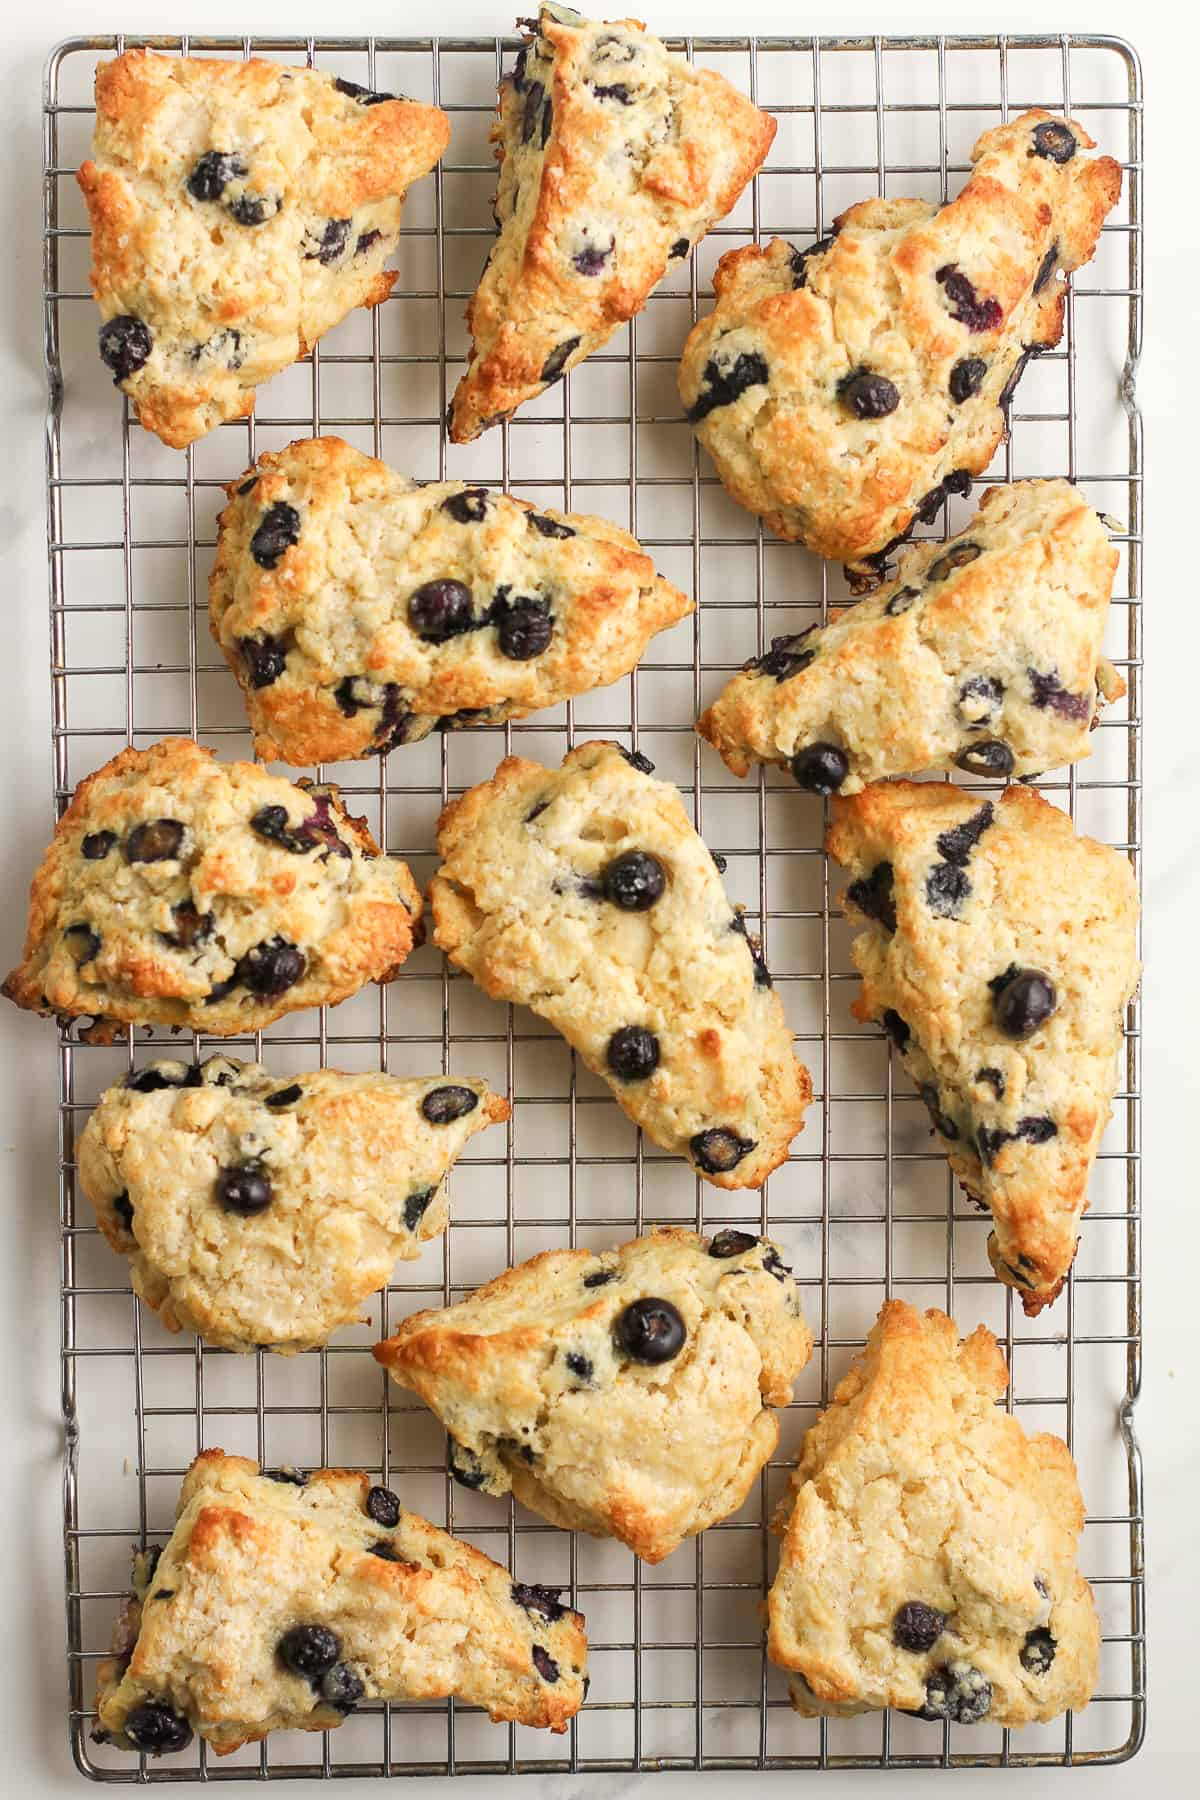 A baking rack of scones.